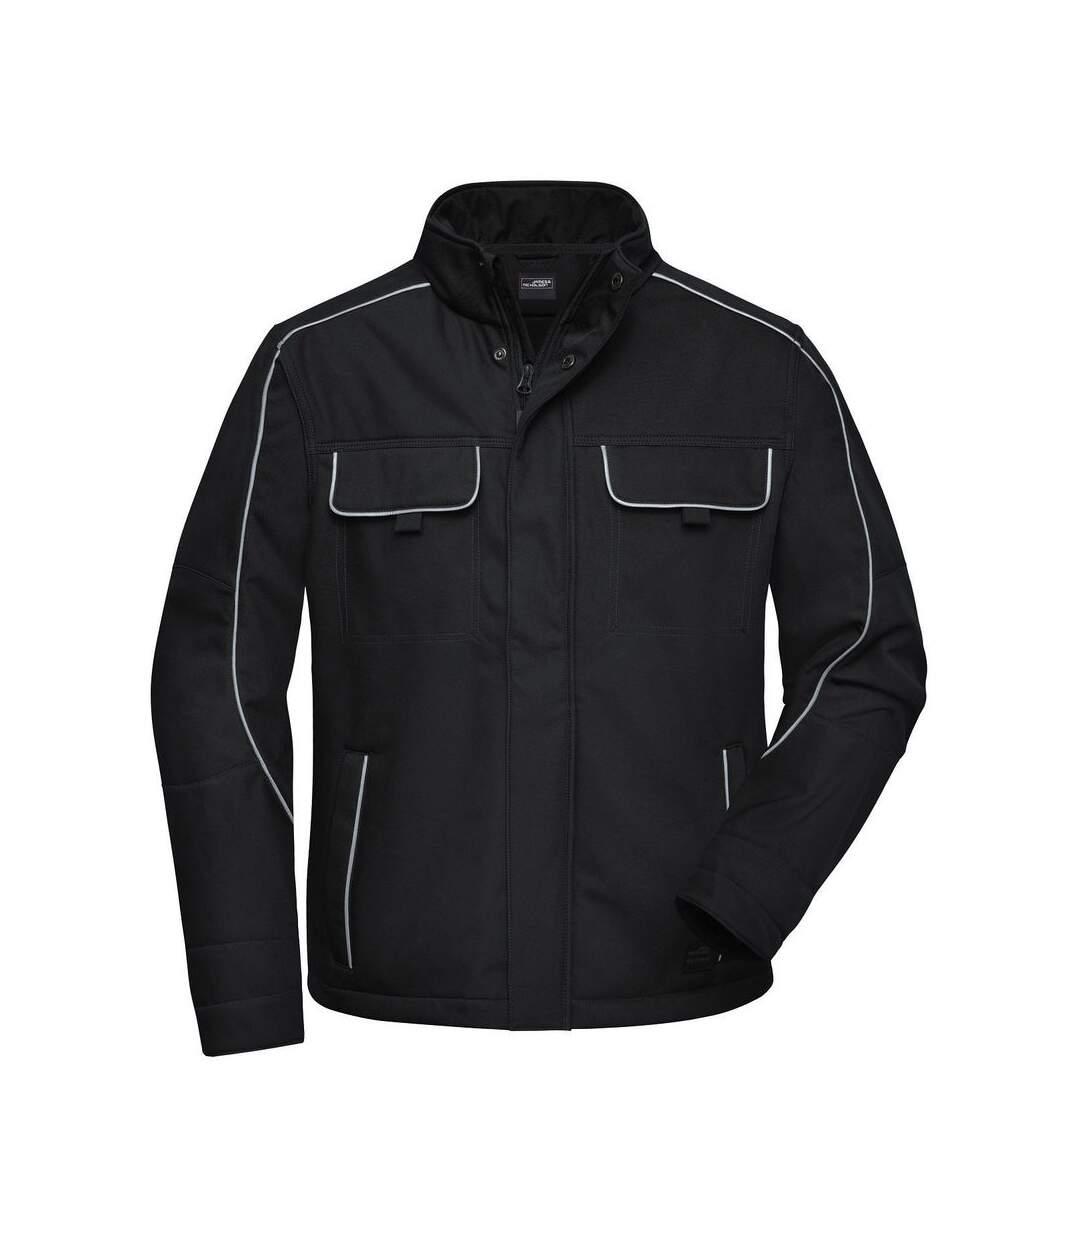 Veste blouson de travail légère softshell mixte - JN884 - noir